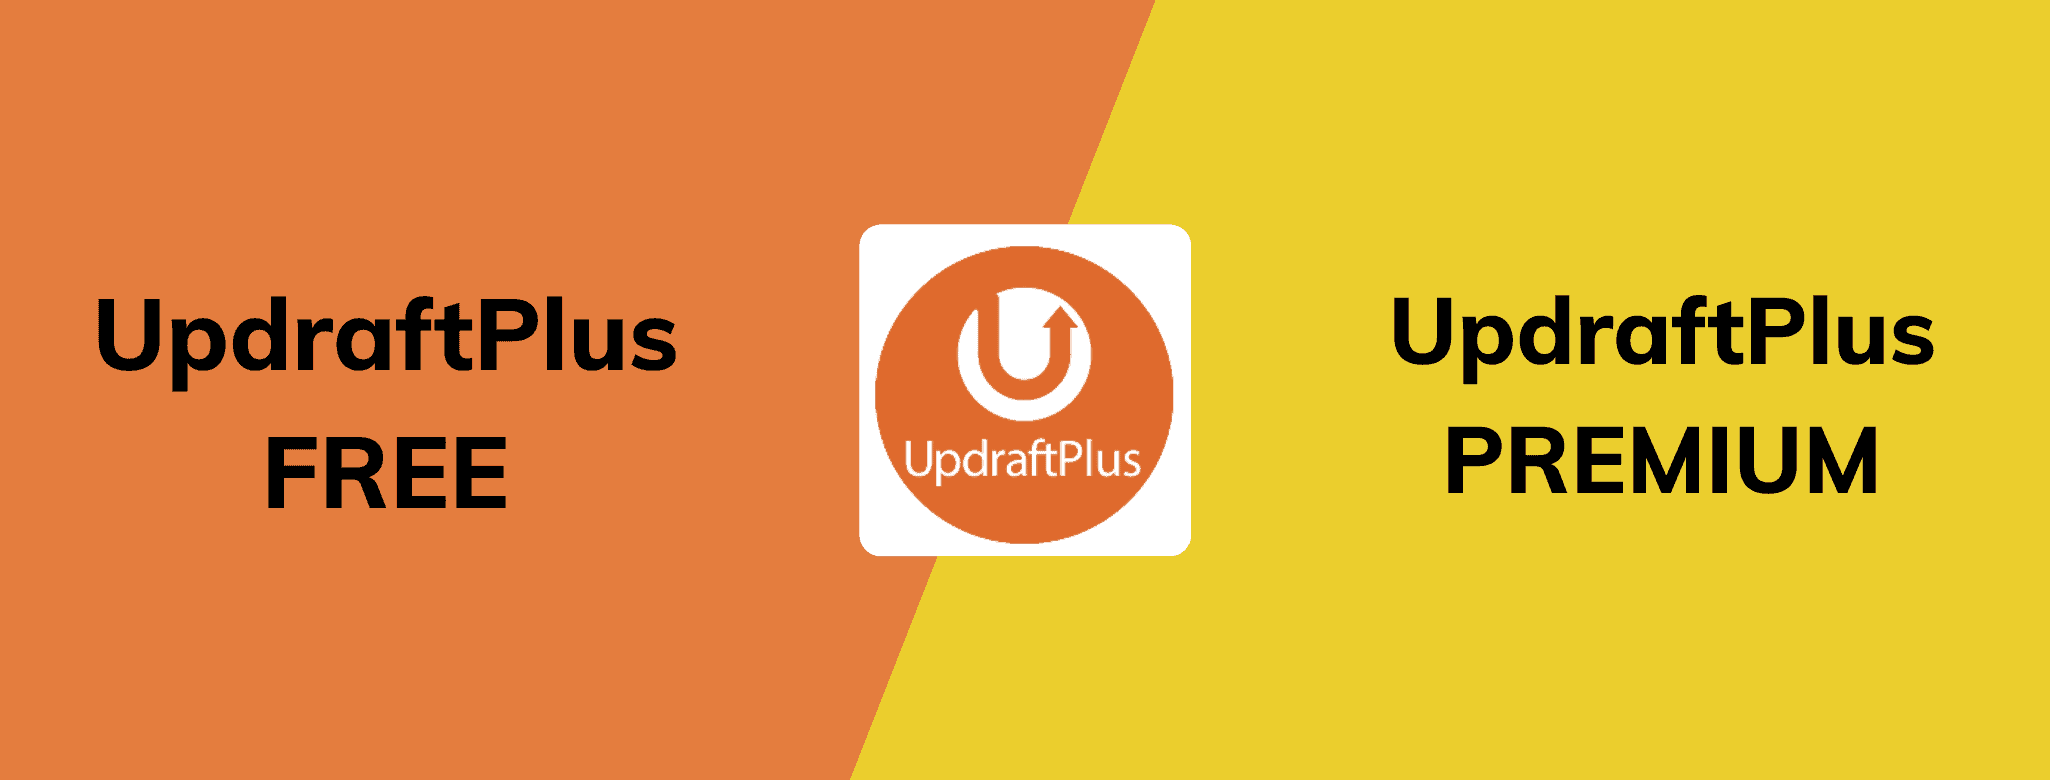 UpdraftPlus free vs premium